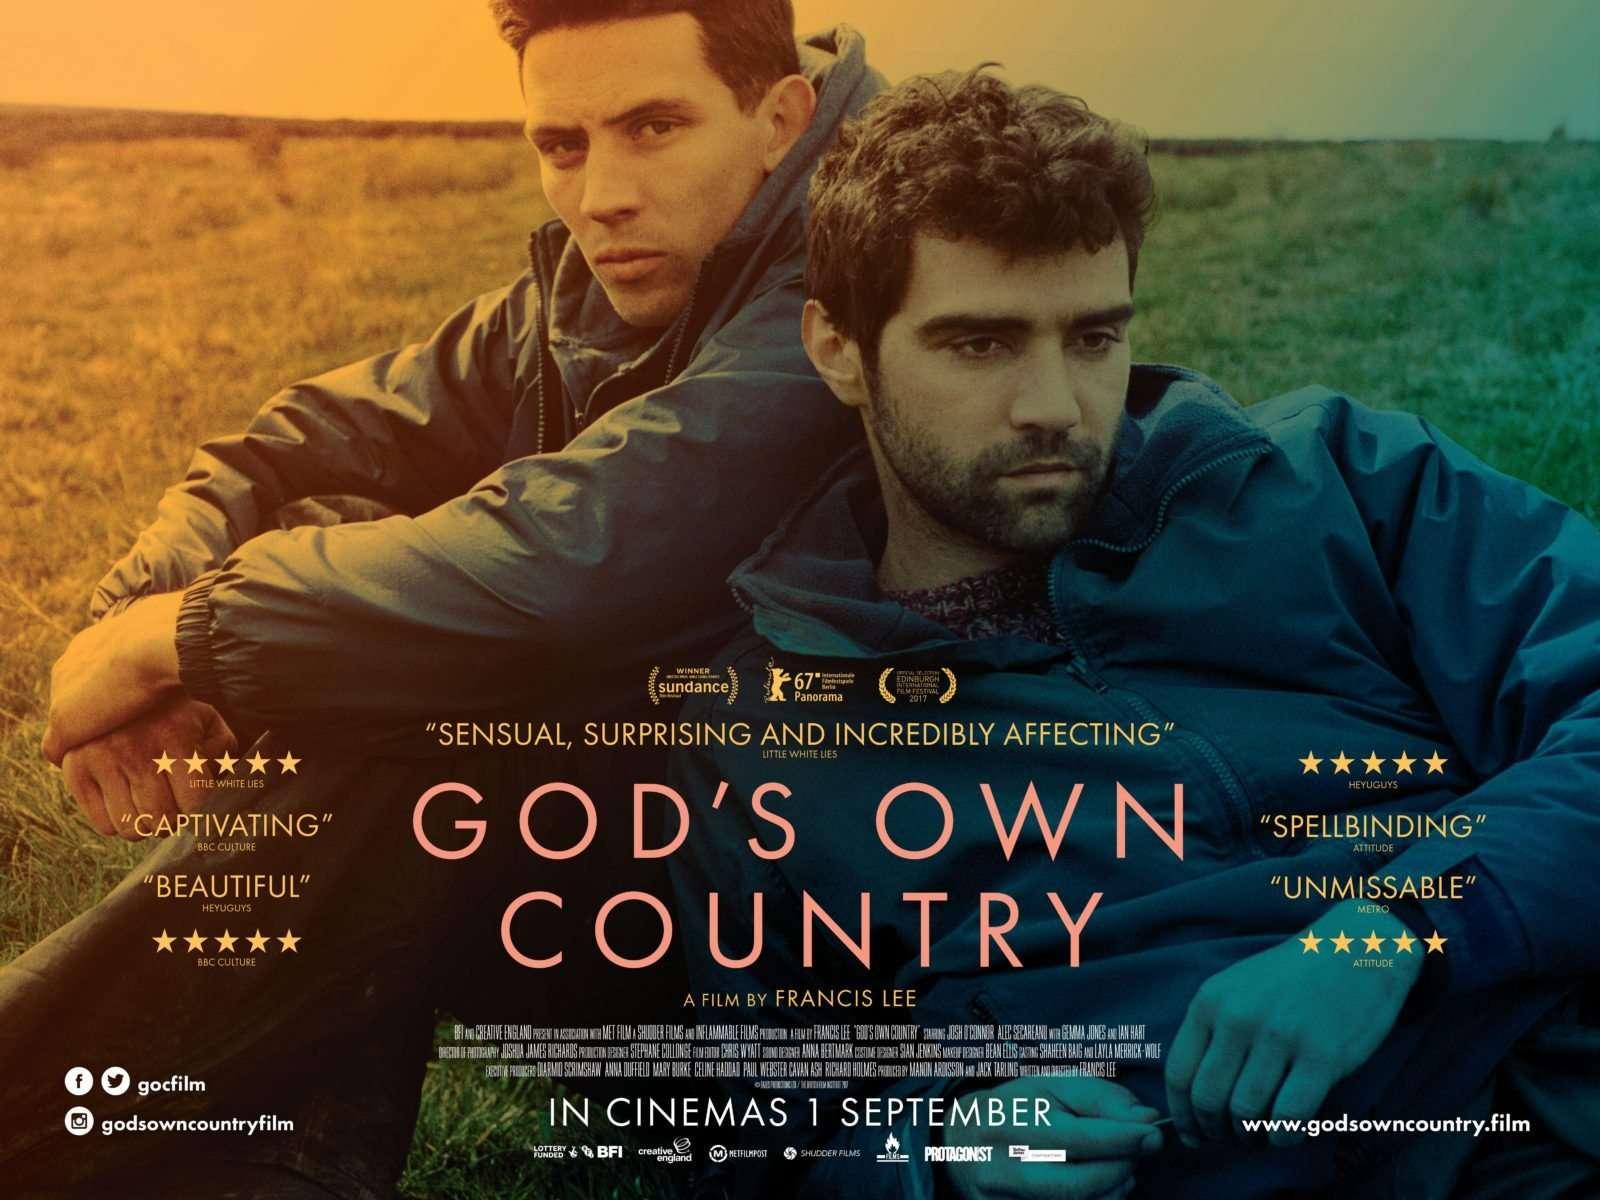 Του Θεού η Χώρα (God's Own Country) Quad Poster Πόστερ